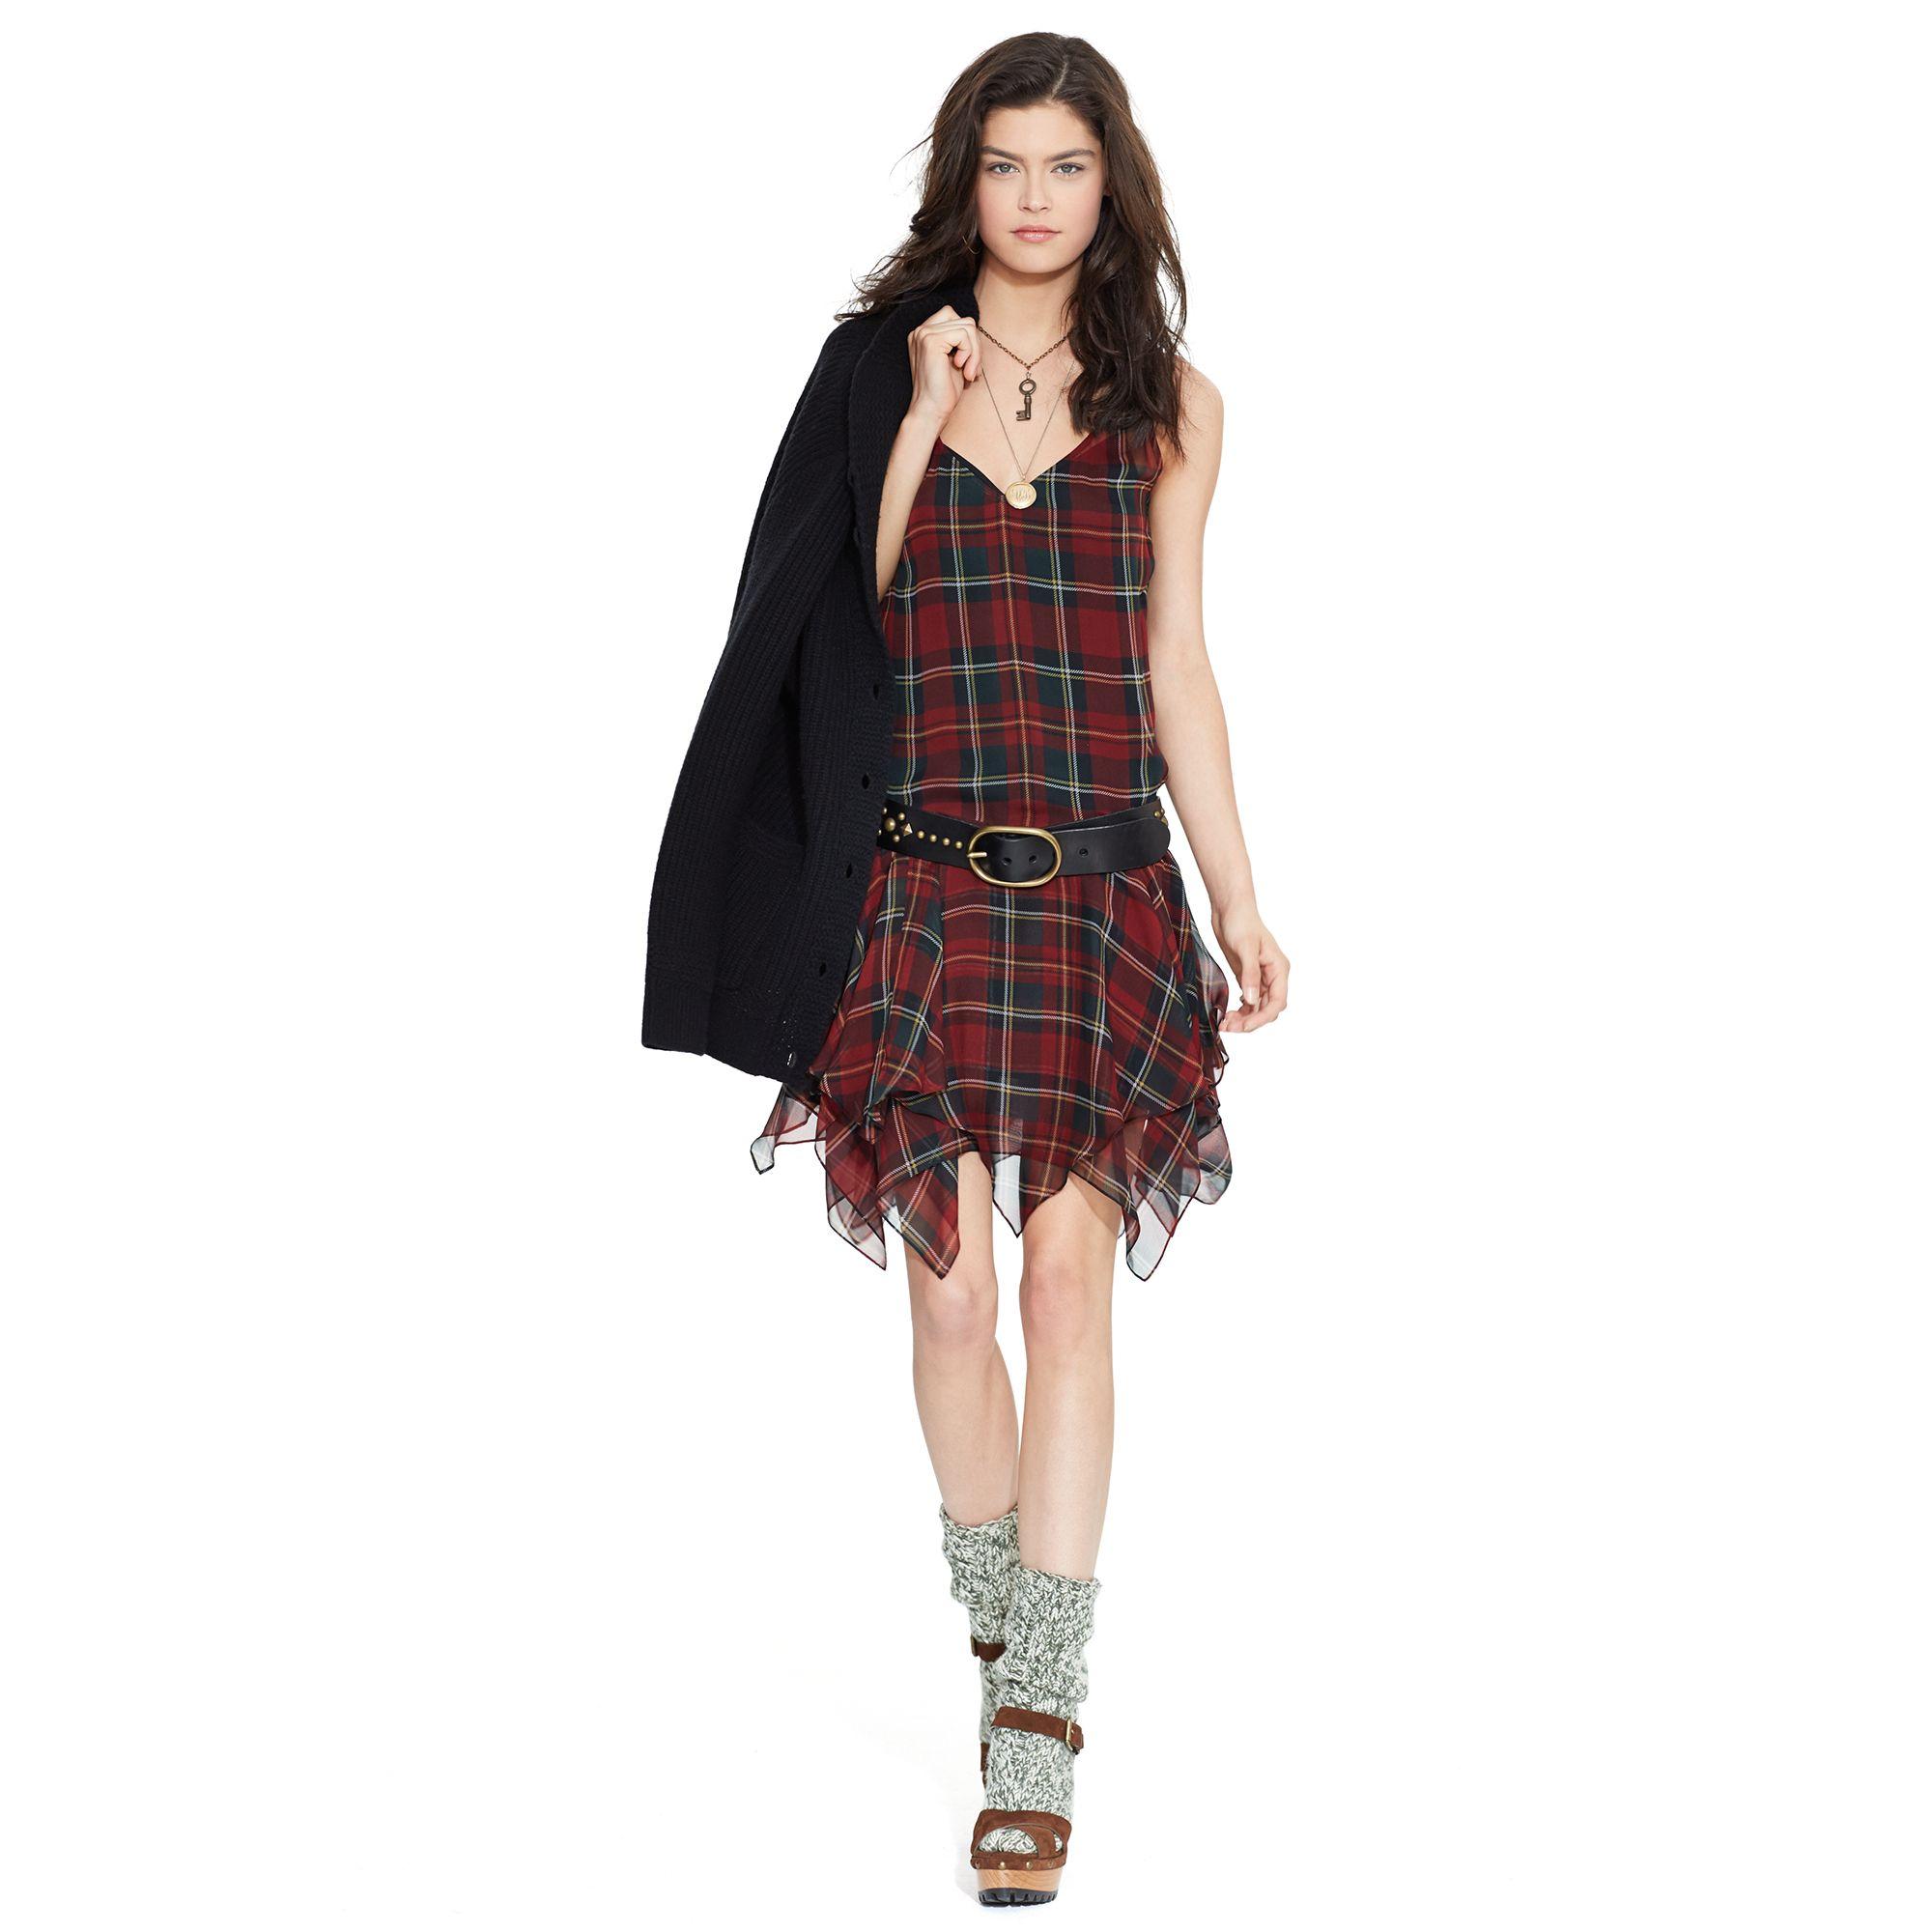 f9043b8f9 Silk Tartan Sleeveless Dress ・Polo Ralph Lauren - WOMEN - Dresses   Skirts  ・ Apparel